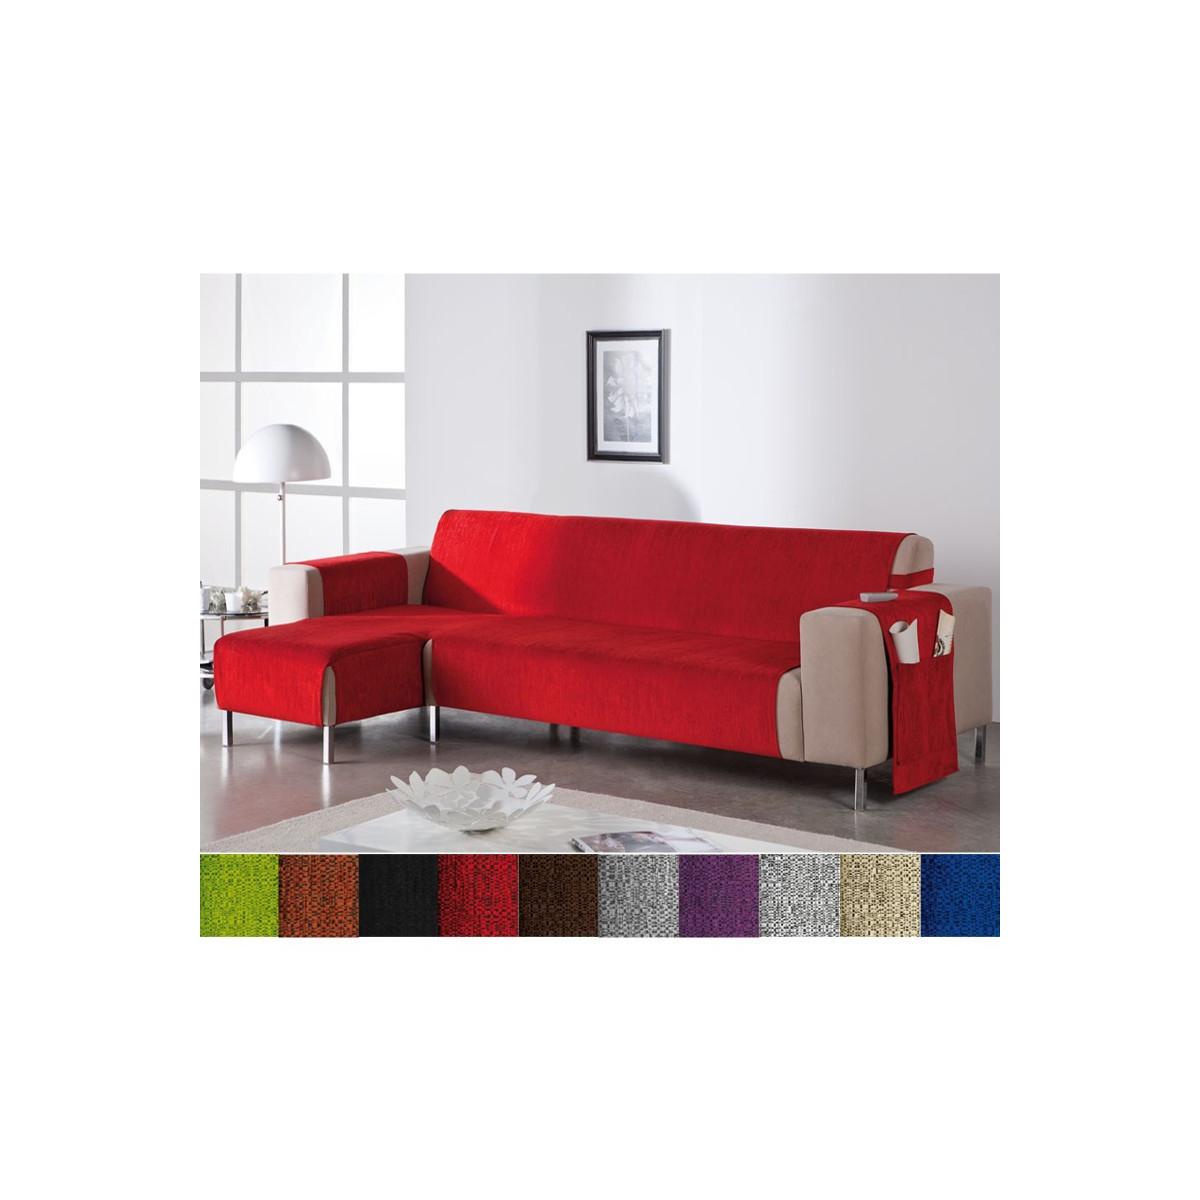 Cubre sofa Chaise Longue Q5df Funda Cubre sofà Chaise Longue No Elà Stico De Tacto Agradable Leonor